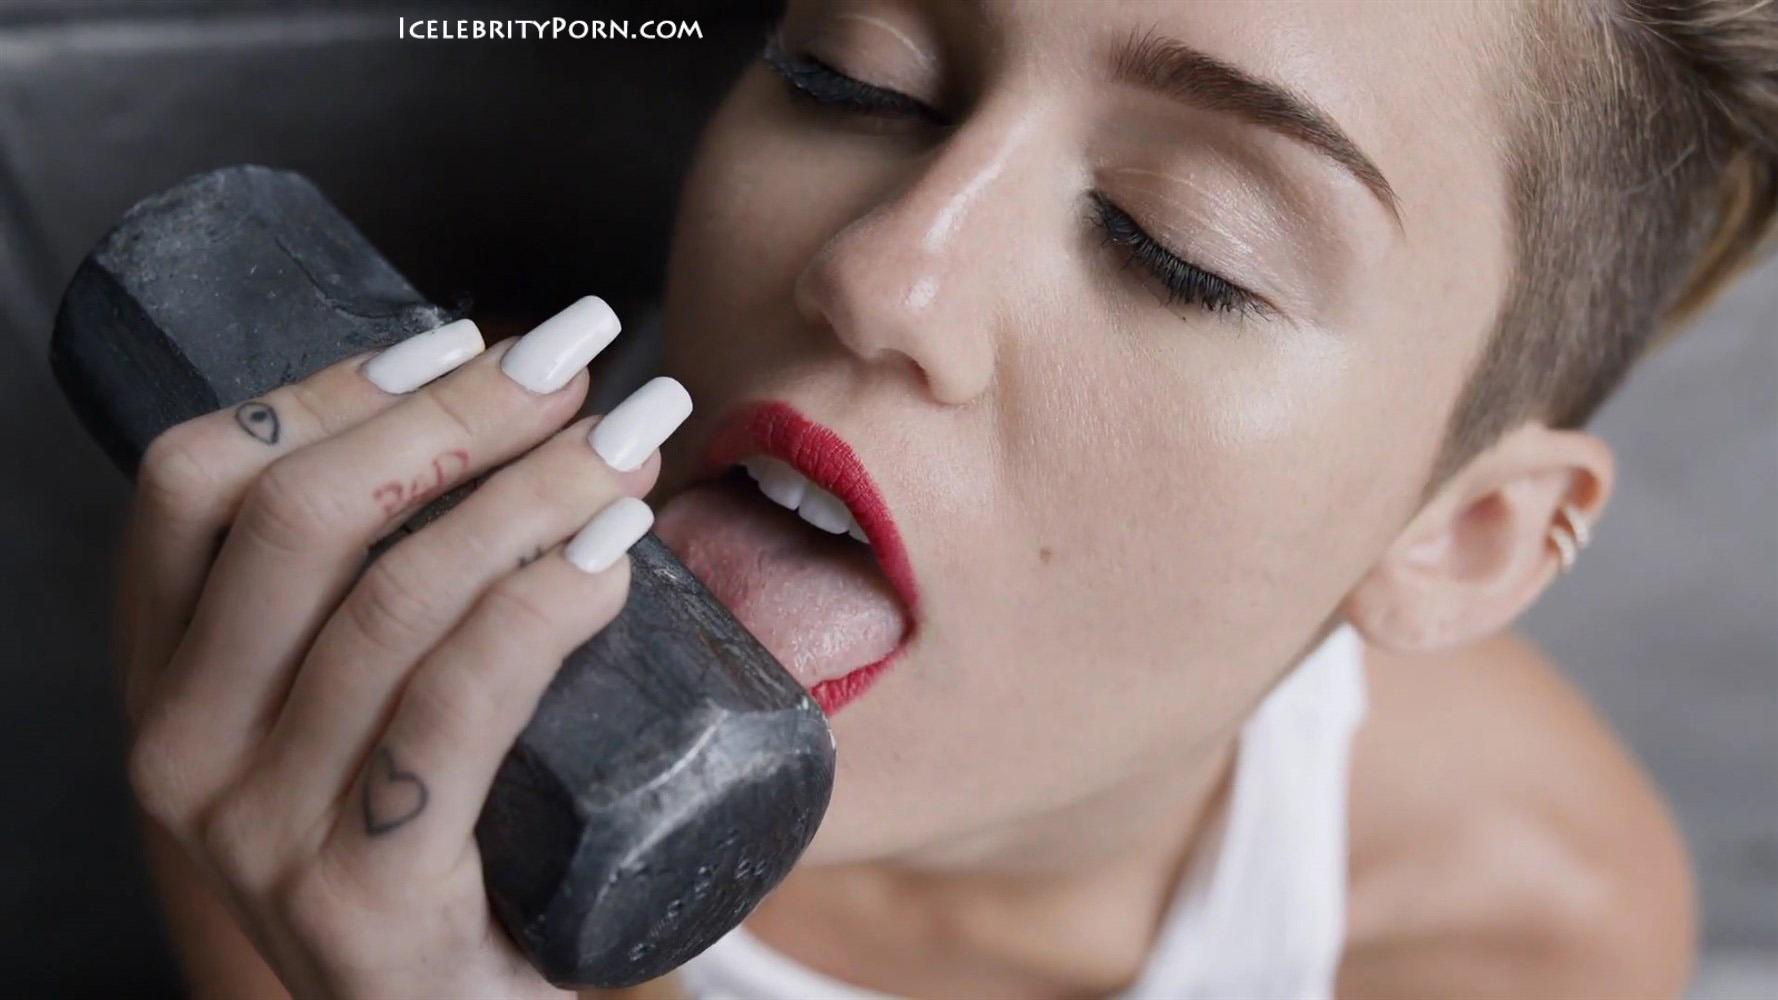 Miley Cyrus Porno videor